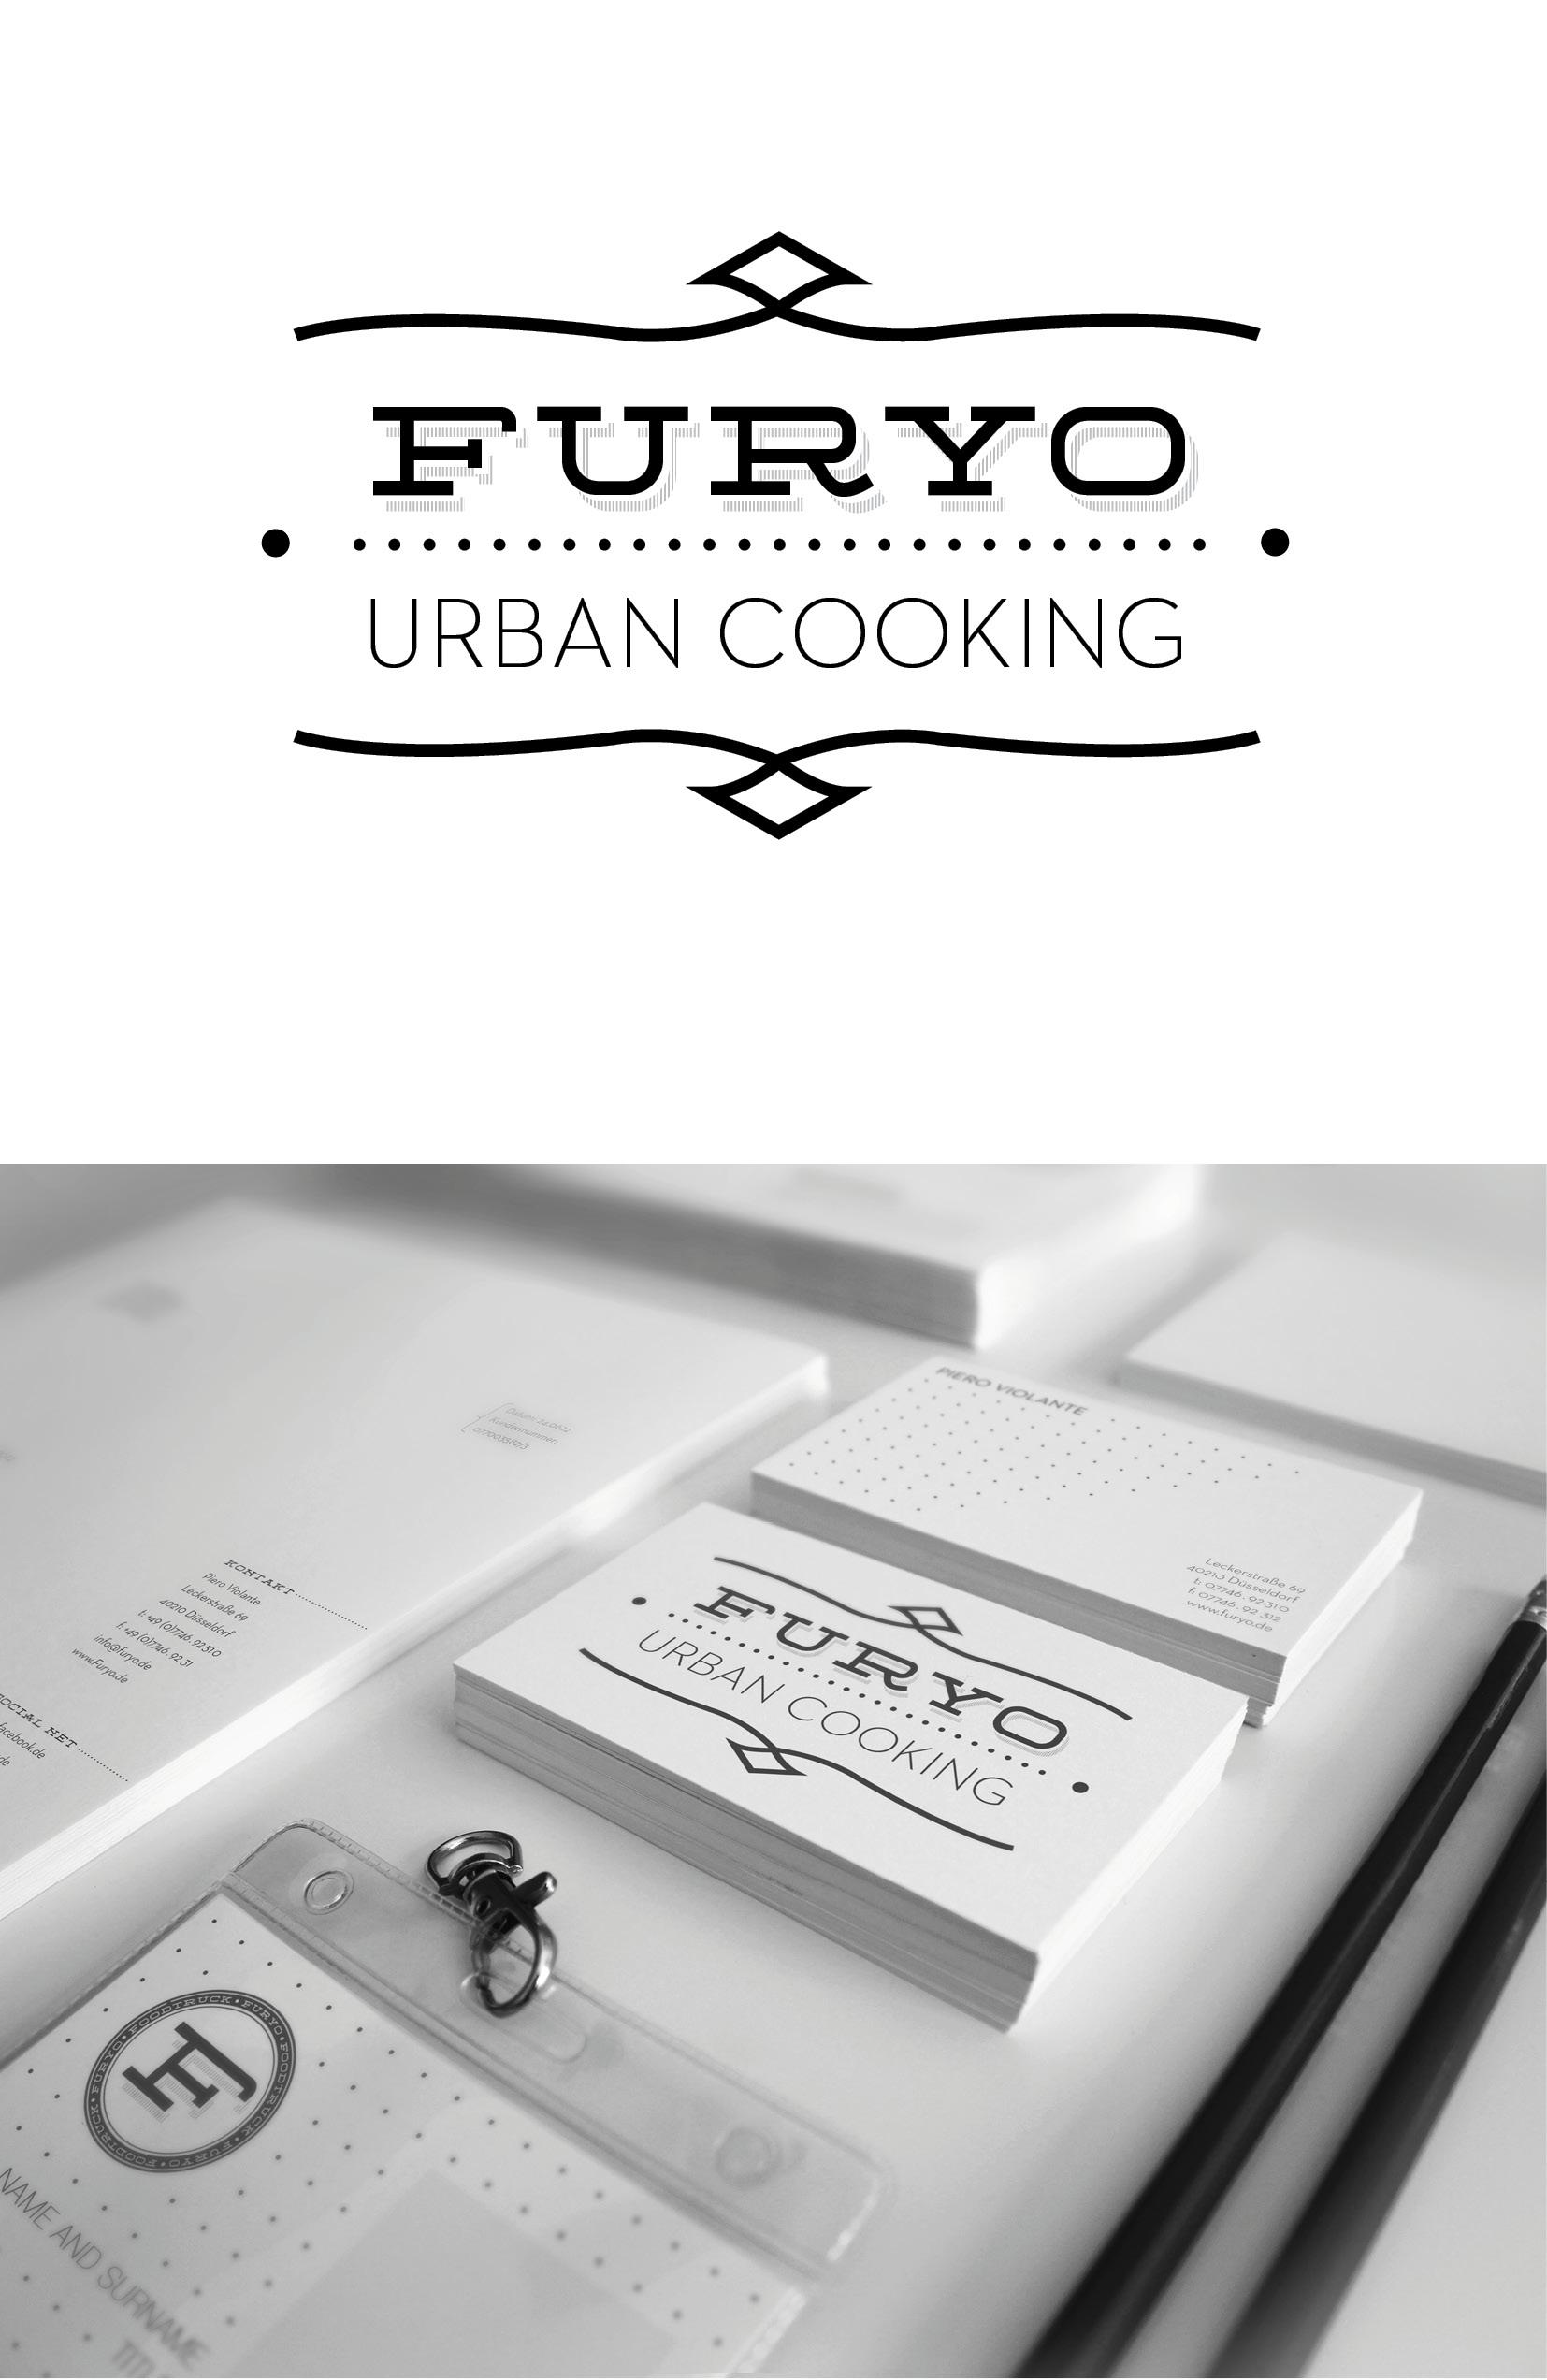 furyo-logo